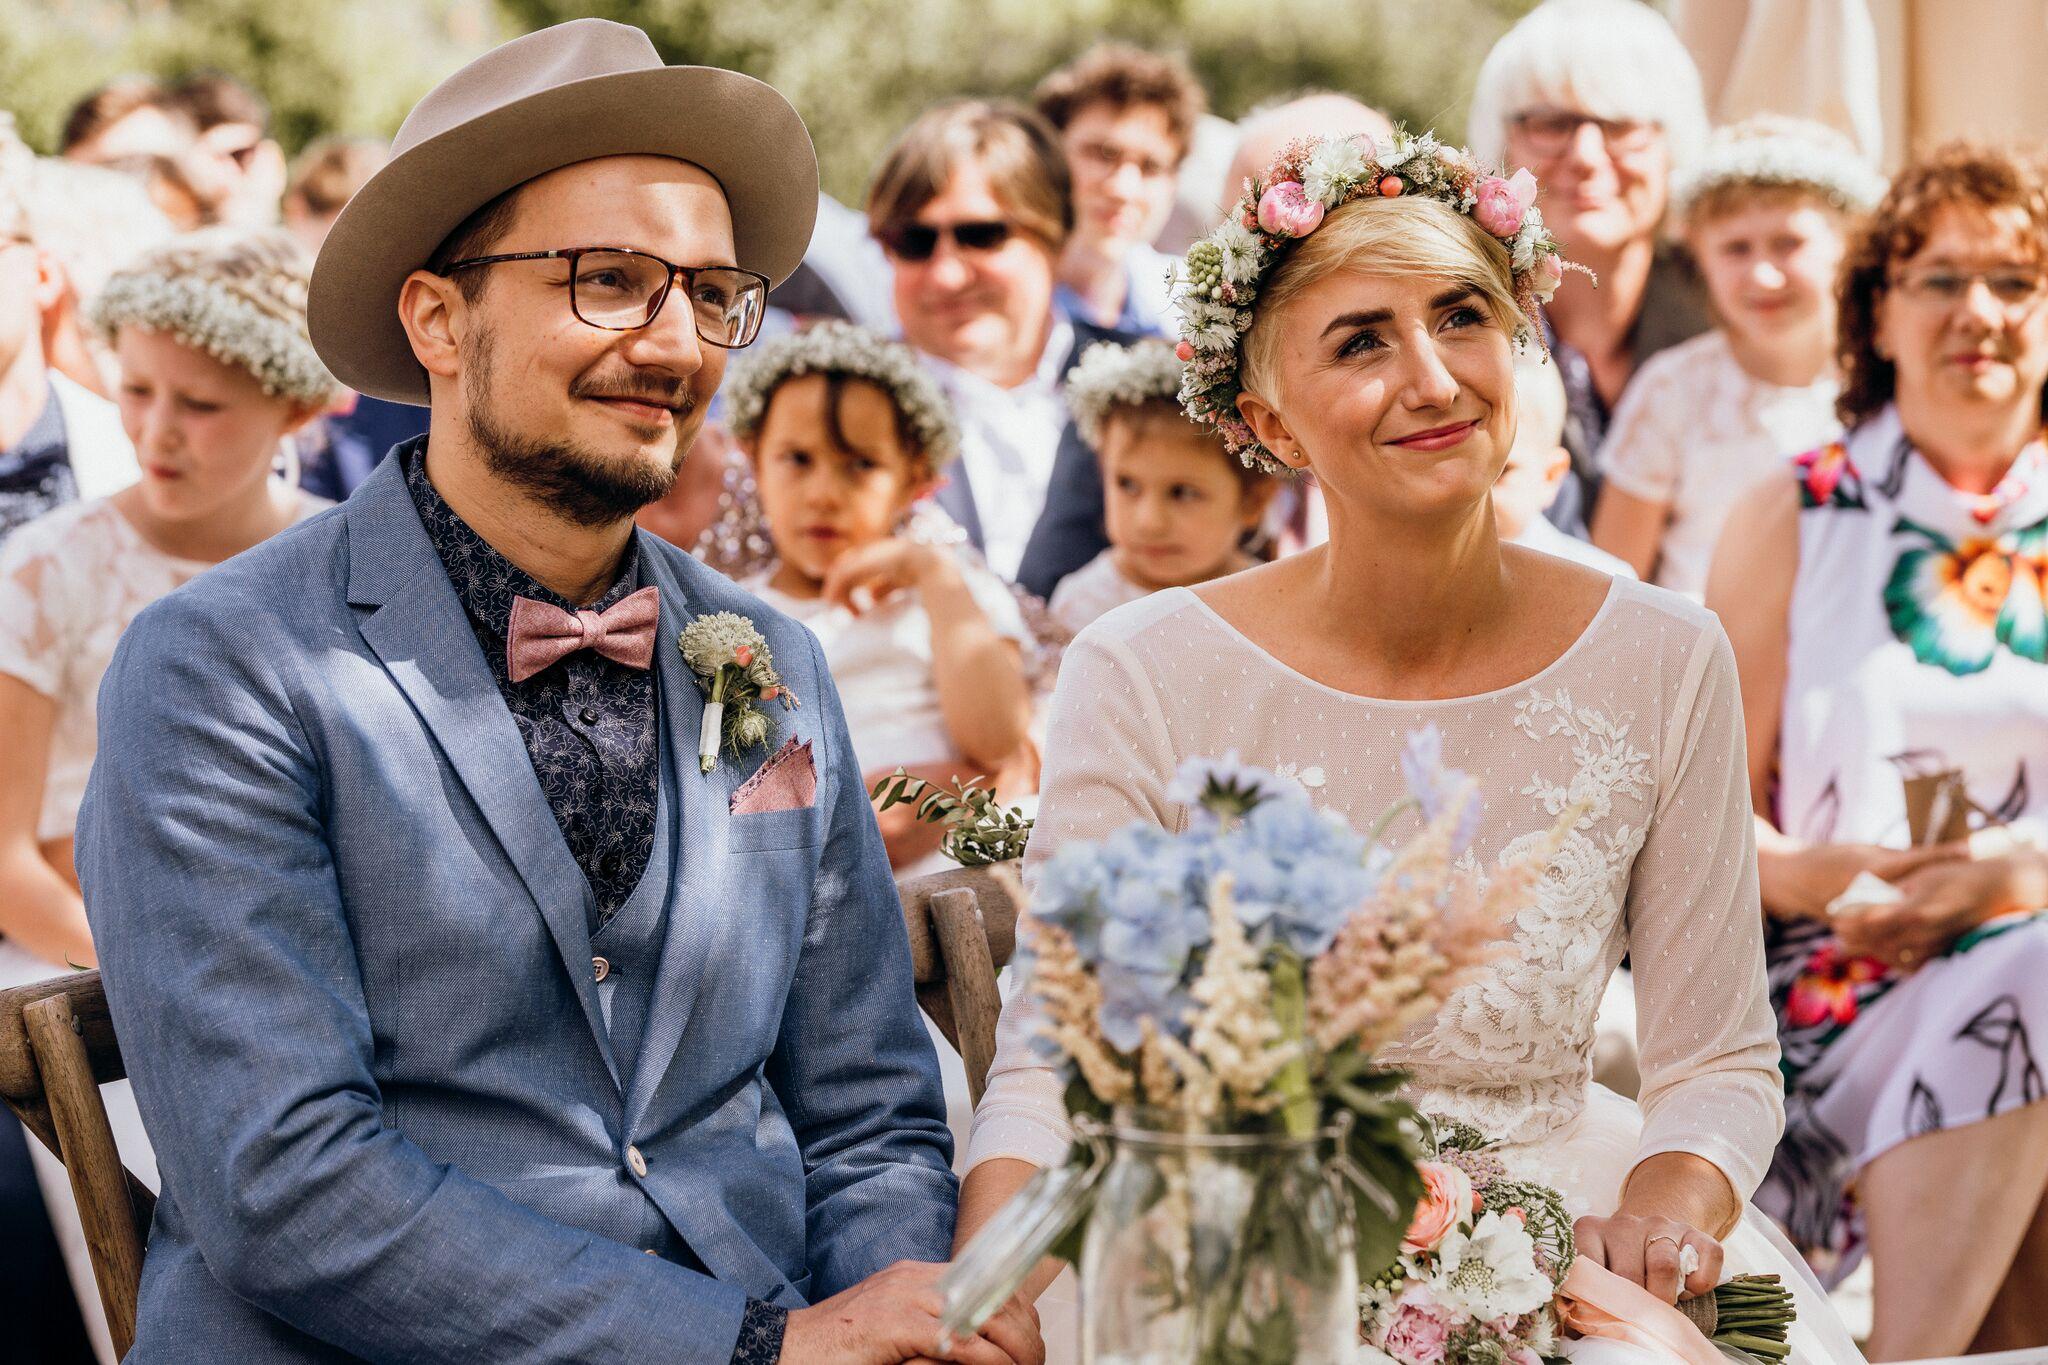 Trauung_Wedding.jpg